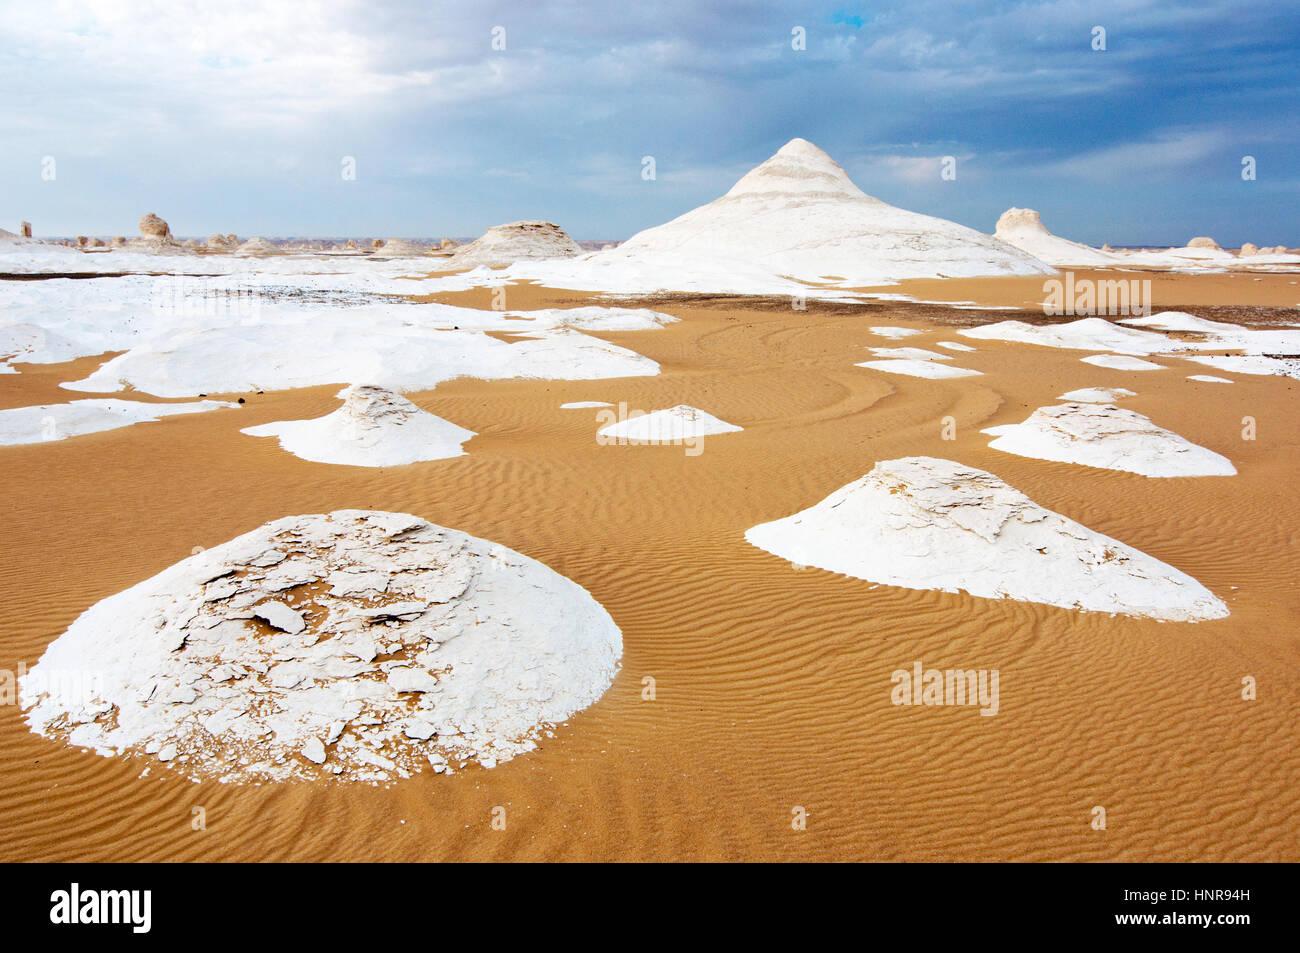 Rocas en gran desierto blanco en Egipto Imagen De Stock